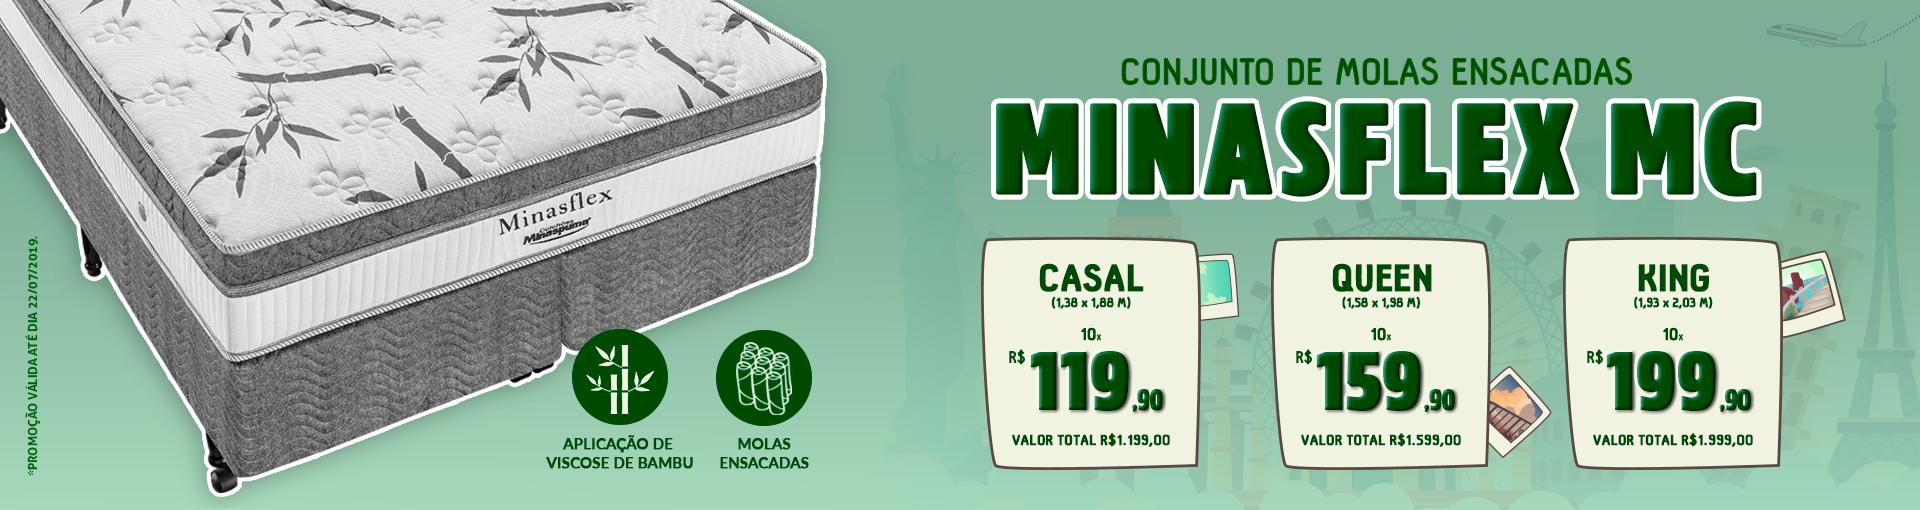 Minasflex MC